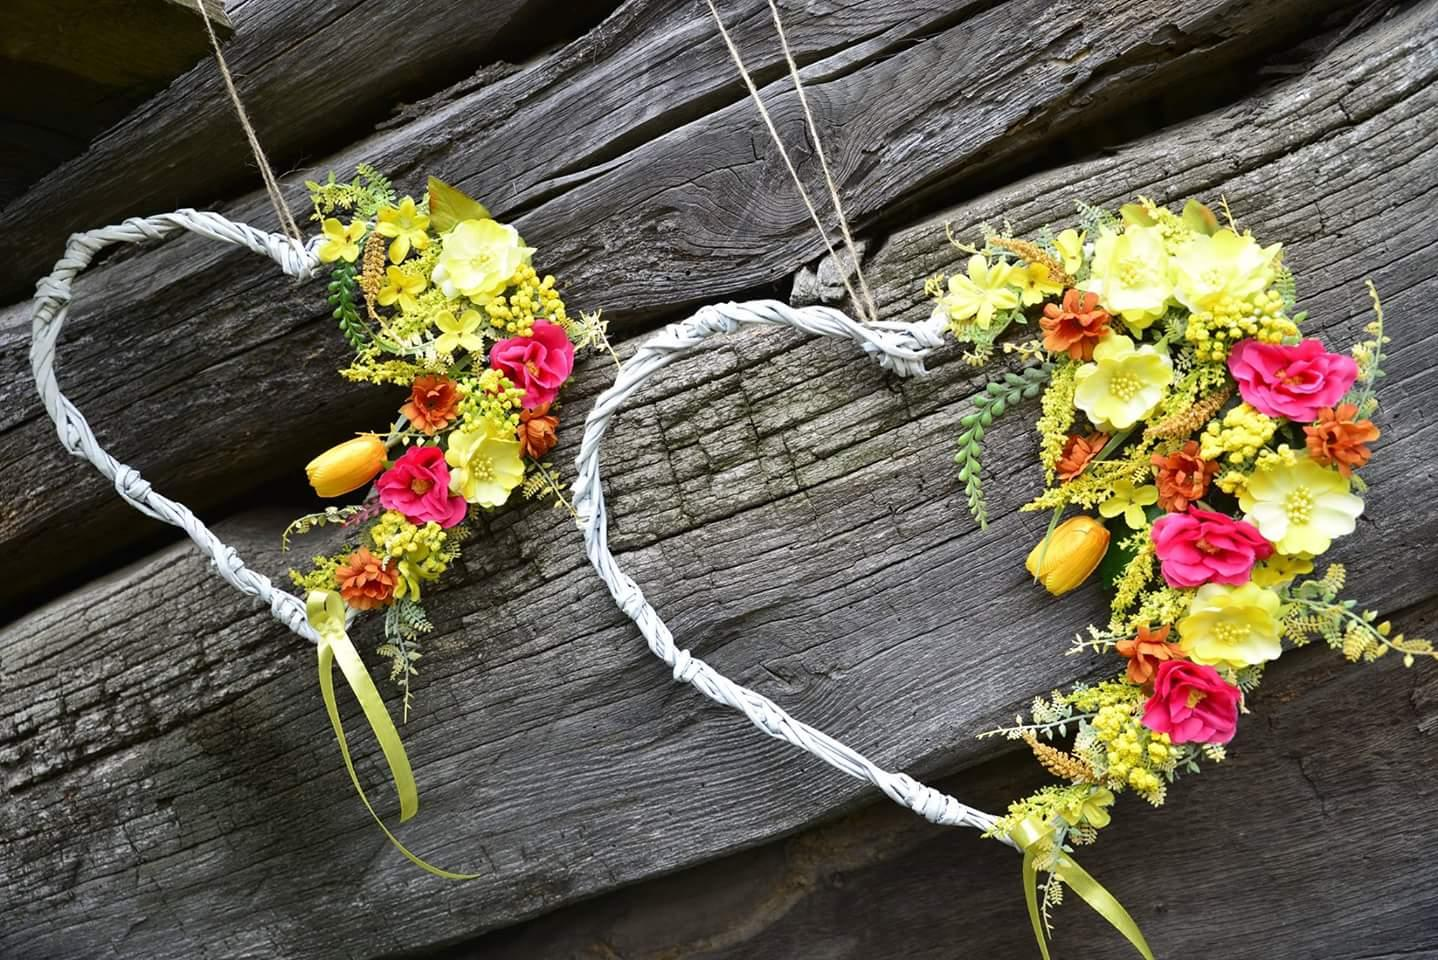 Inšpirácie-svadobné srdcia a kytice❤ - Obrázok č. 3